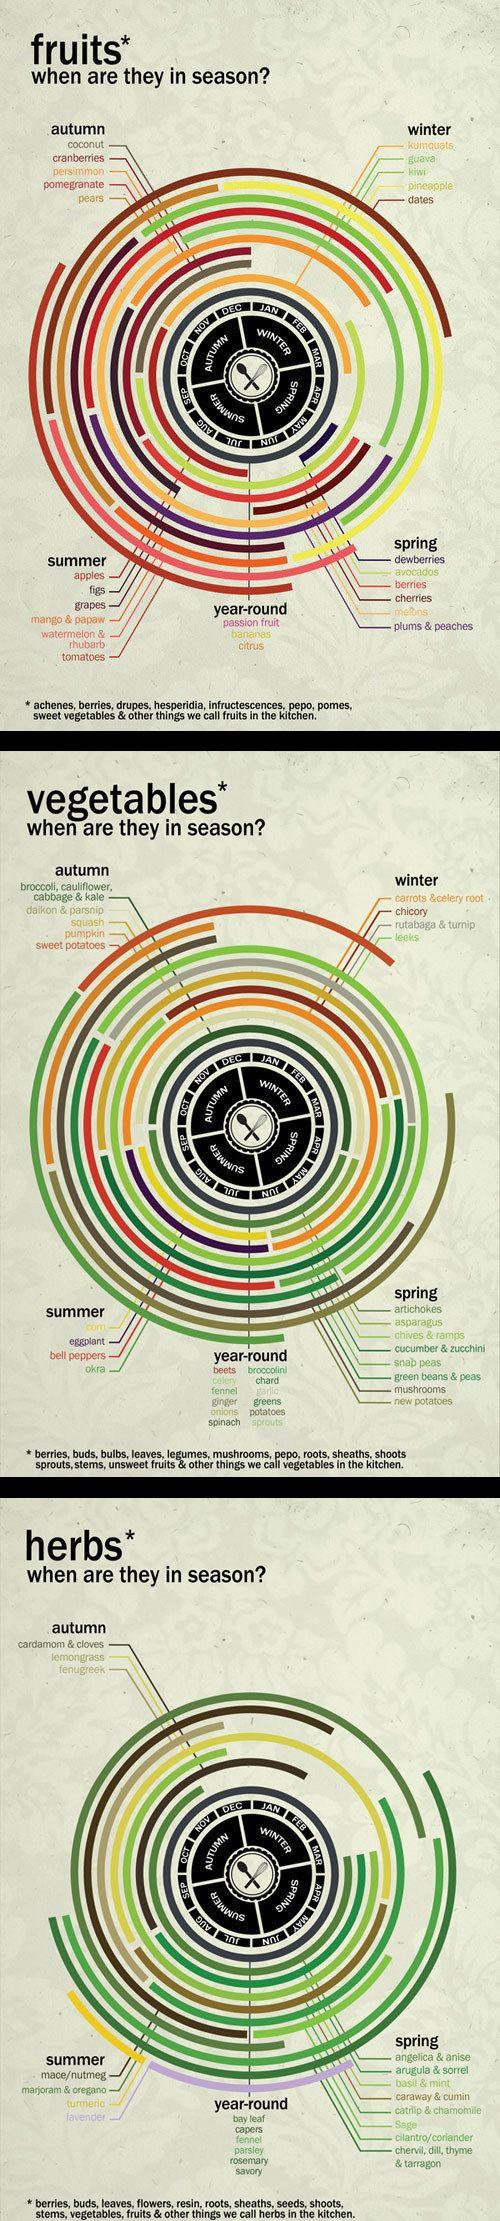 Tente comer alimentos da época e produzidos localmente, se possível.